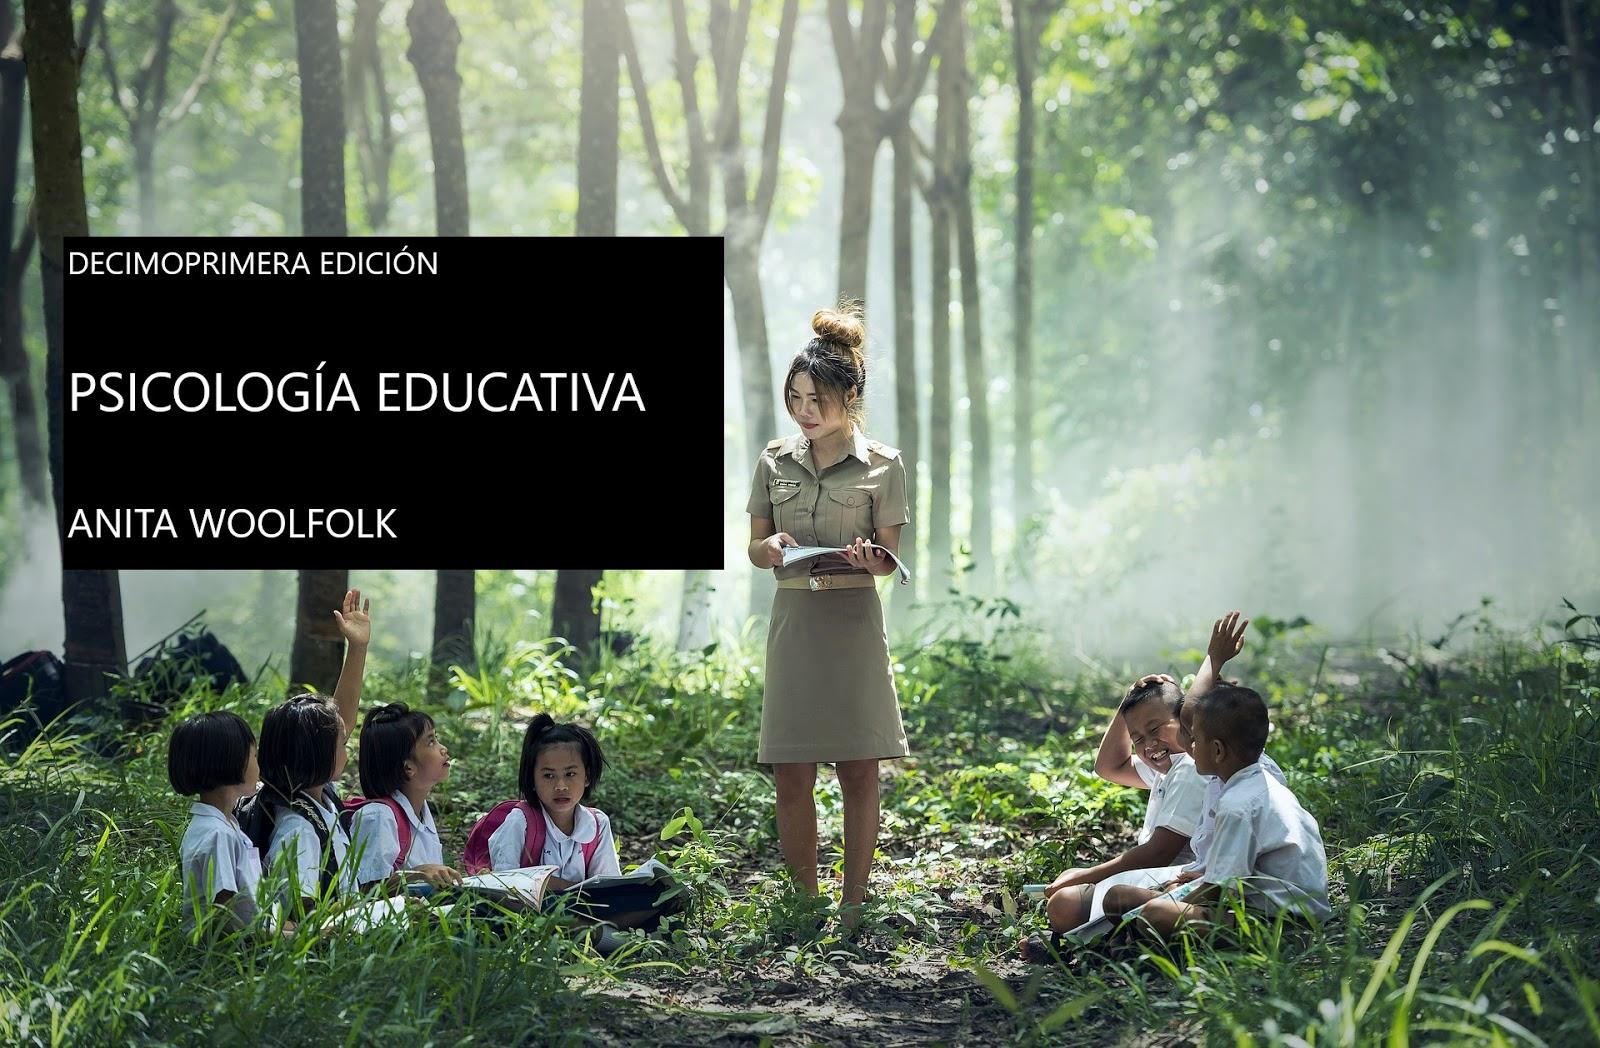 ANITA WOOLFOLK, Psicología Educativa. 11a edición. PDF para descargar.